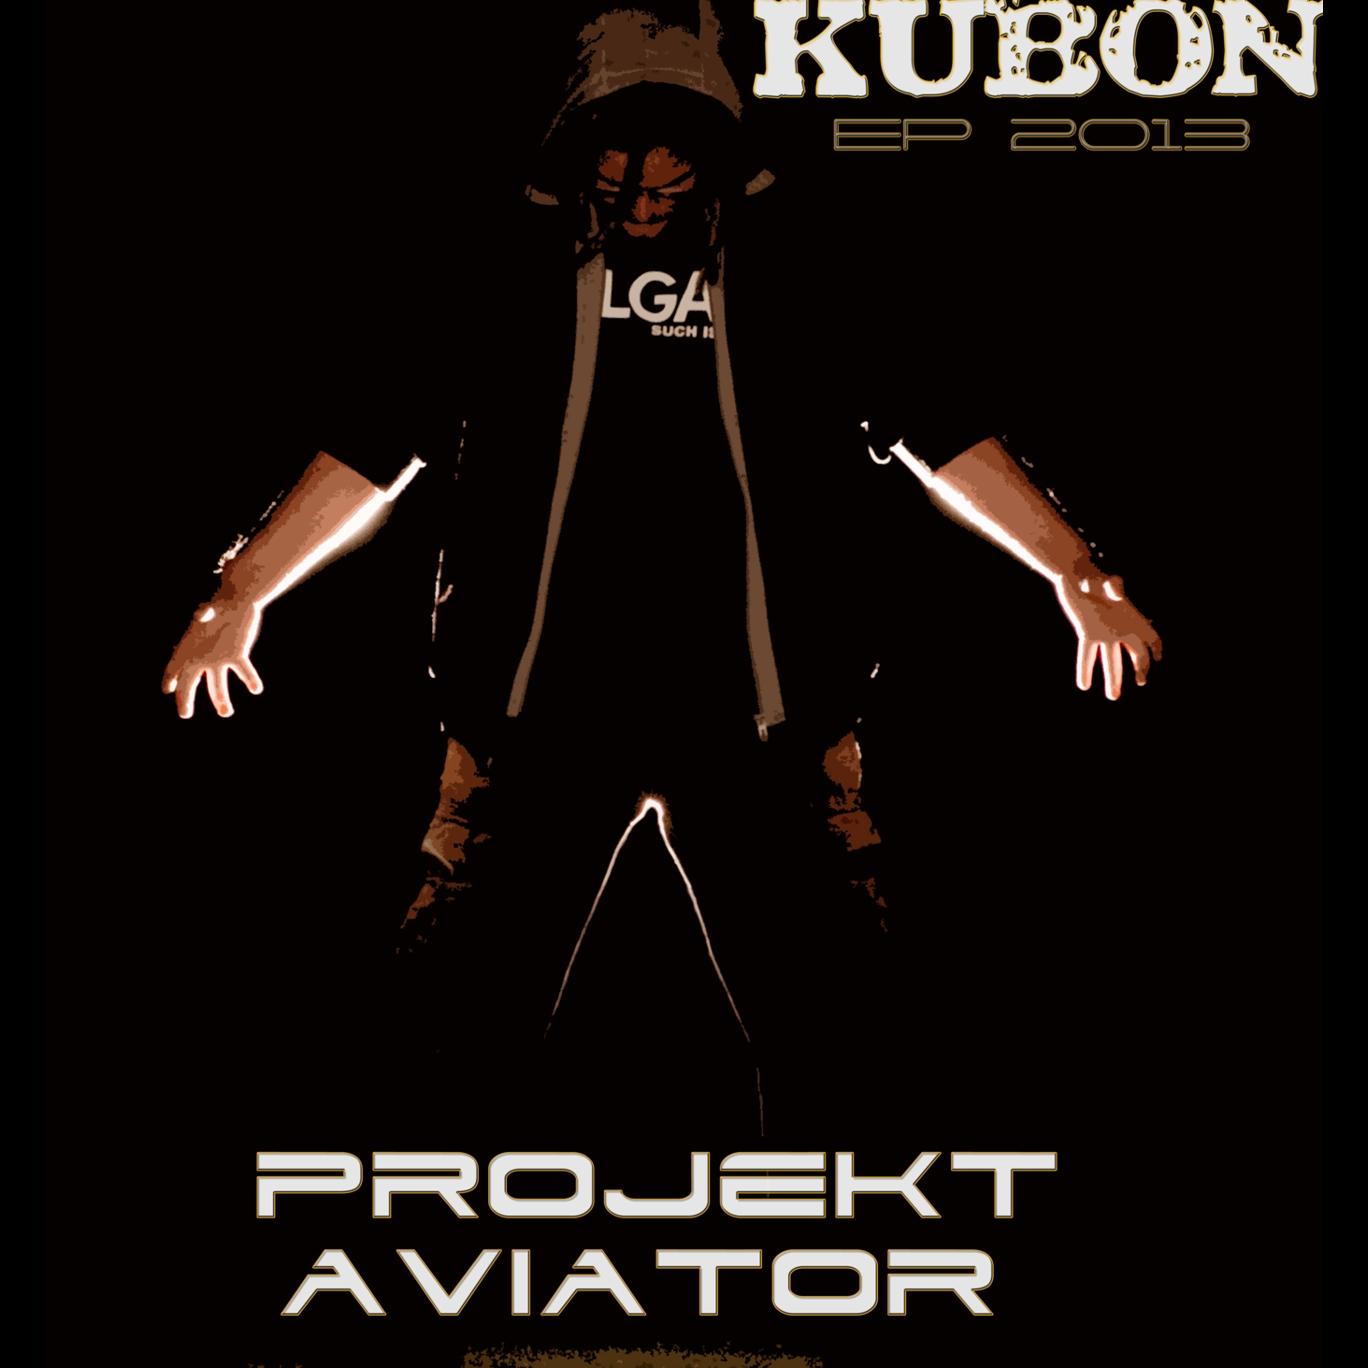 Projekt Aviator